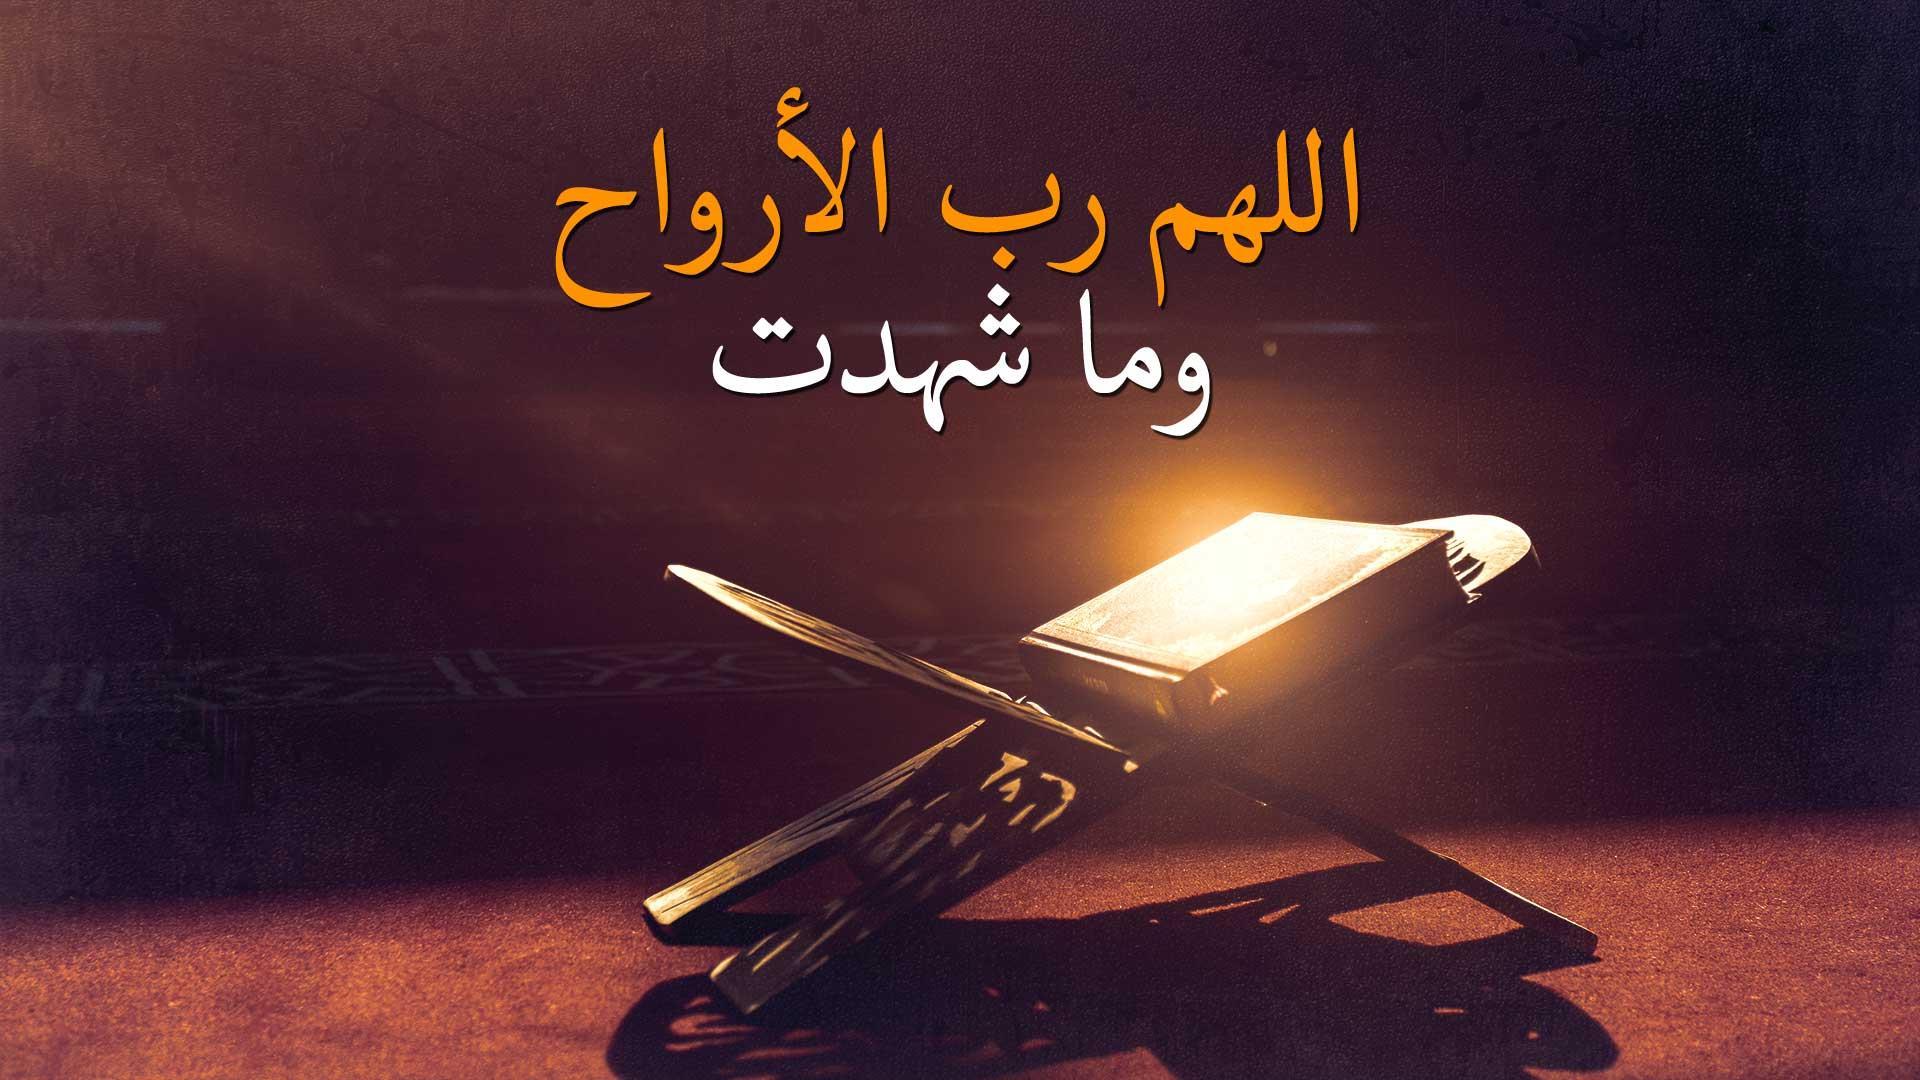 اللهم رب الأرواح وما شهدت منصة المناجاة الرقمية